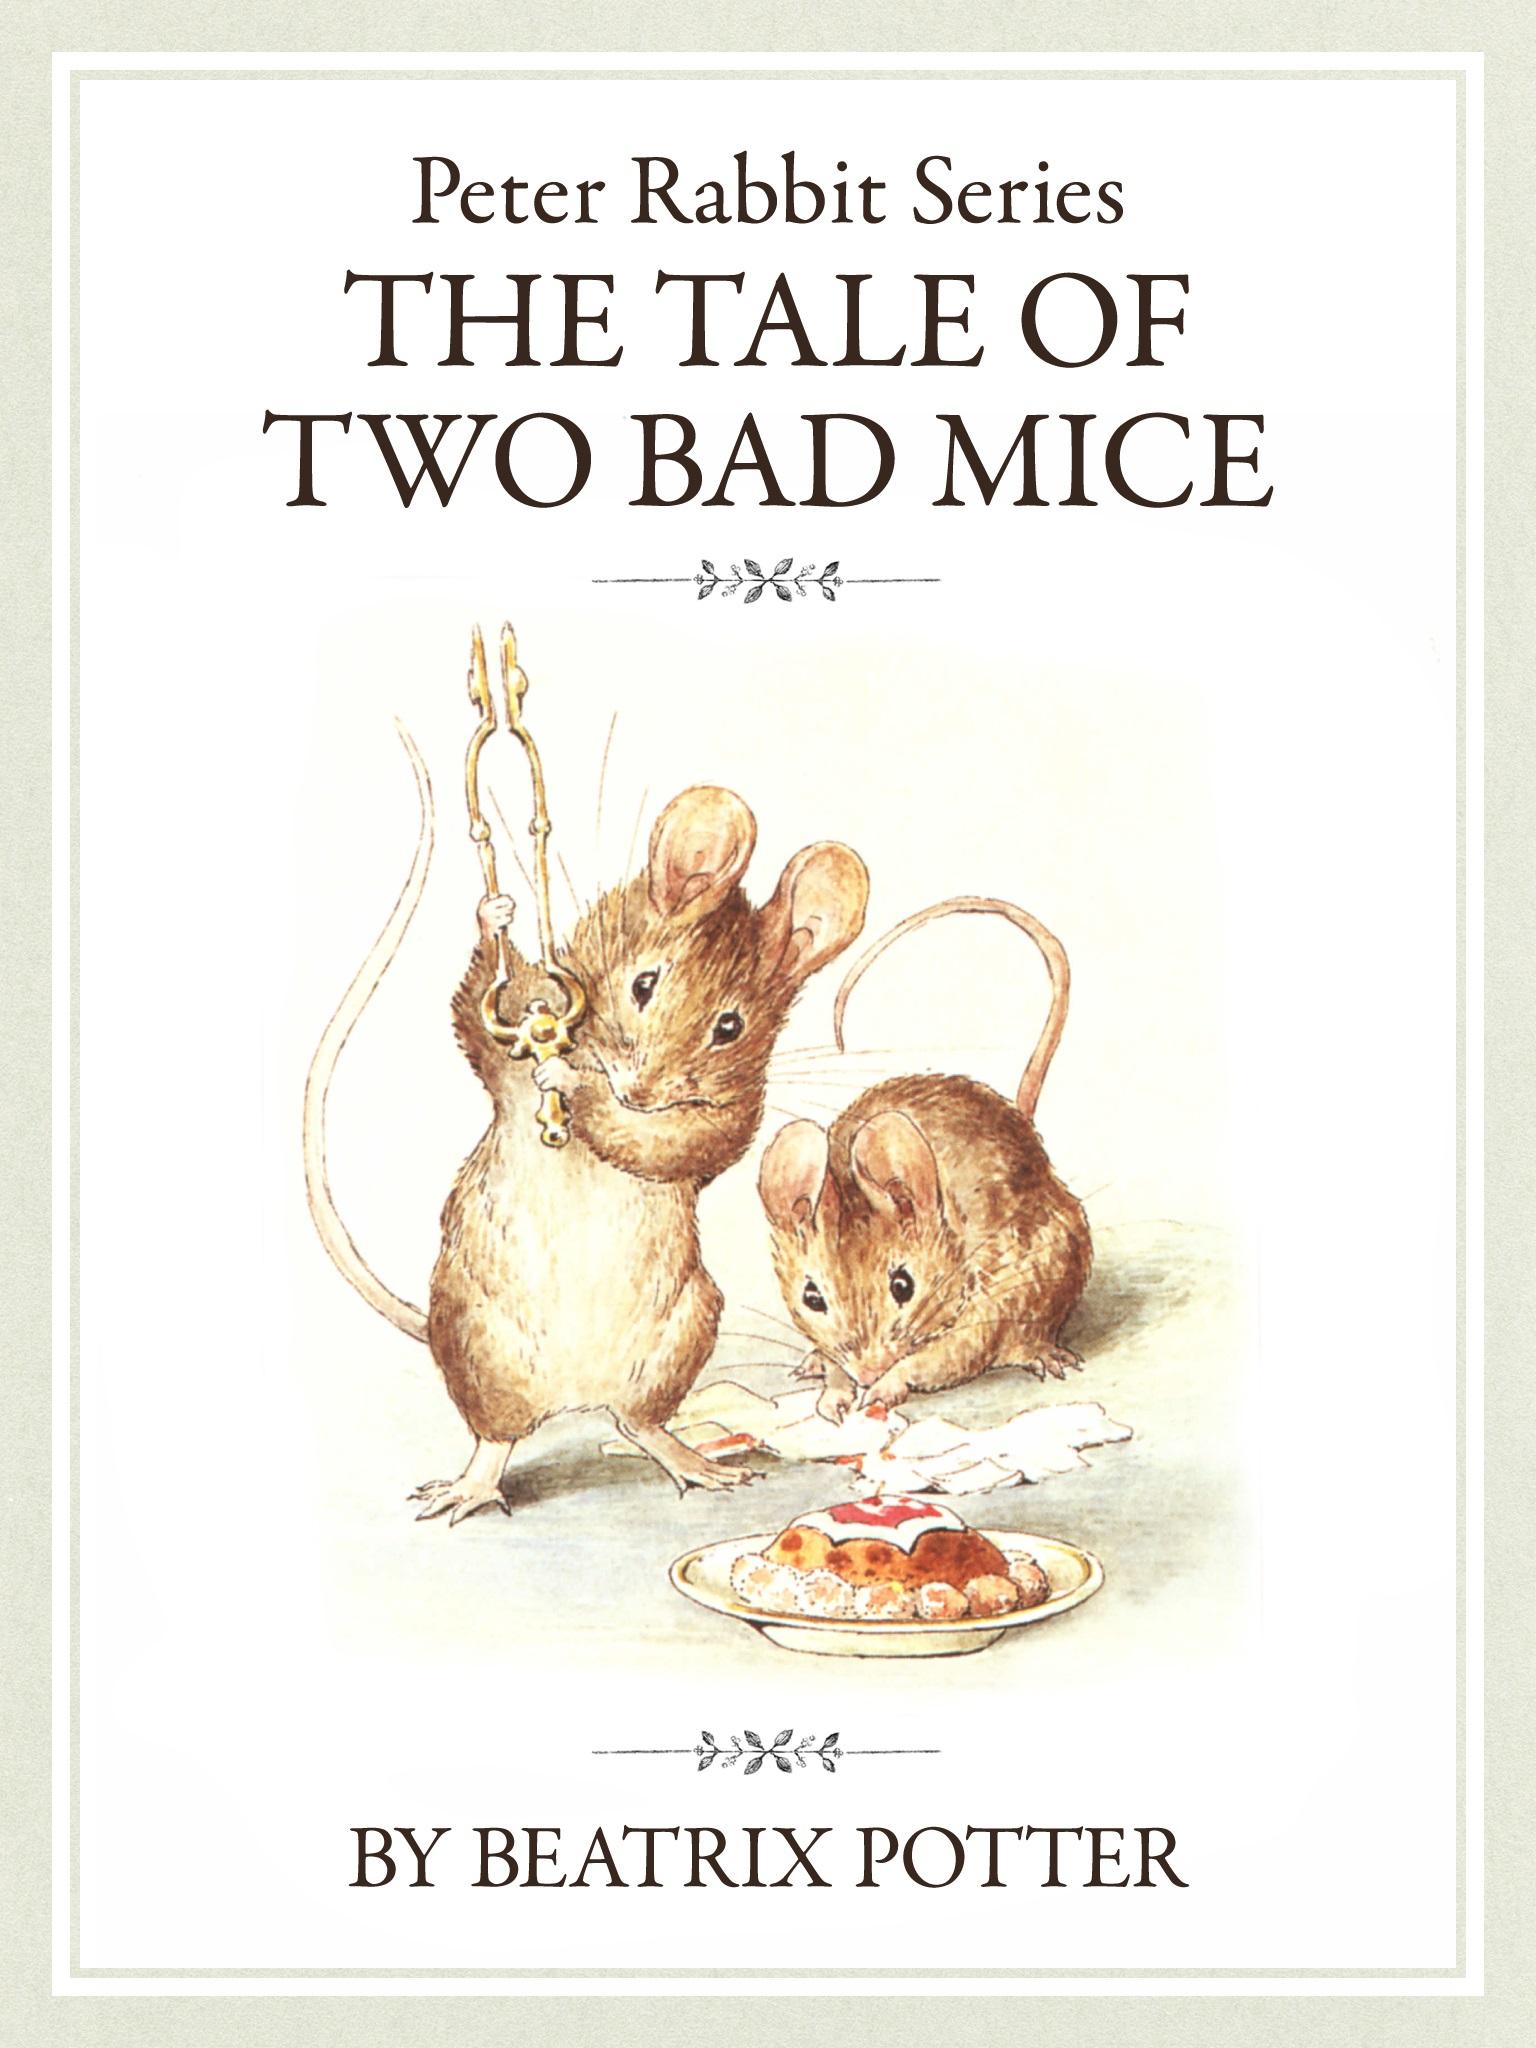 ザ ピーターラビットシリーズ7 THE TALE OF TWO BAD MICE